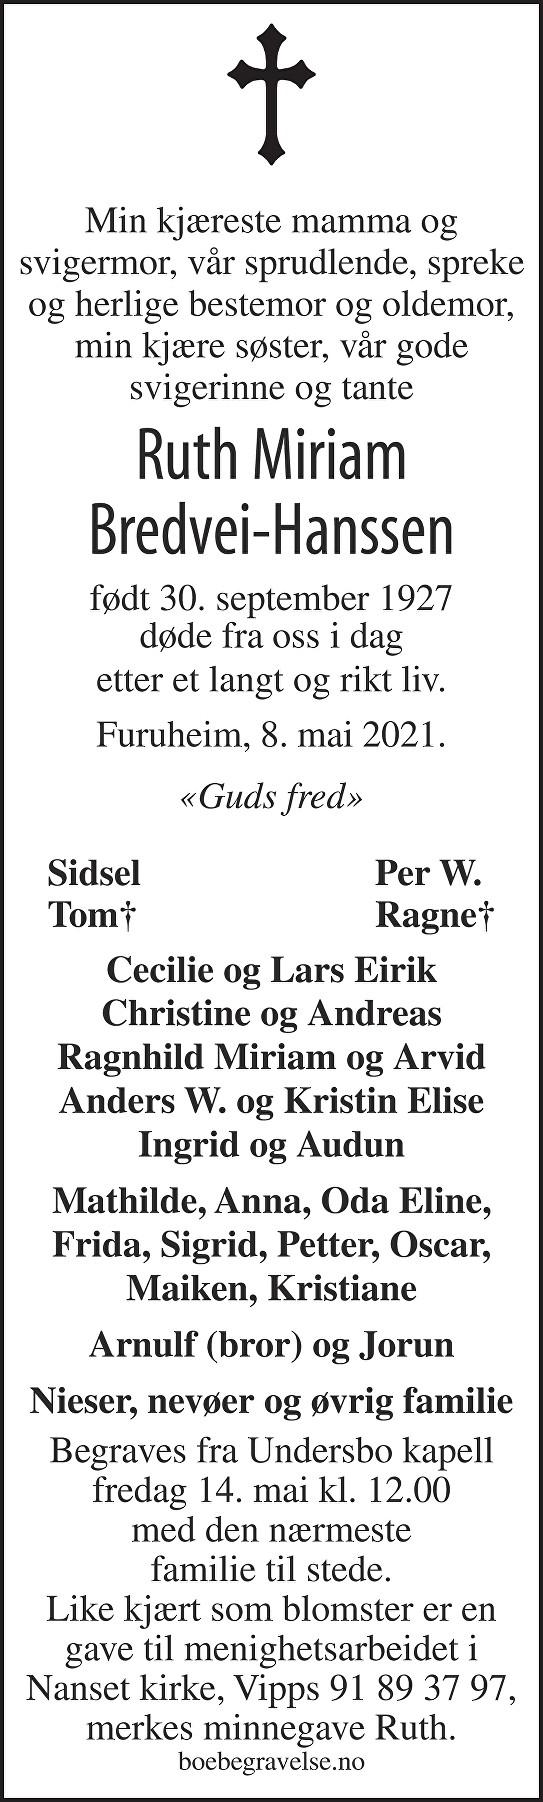 Ruth Miriam Bredvei-Hanssen Dødsannonse